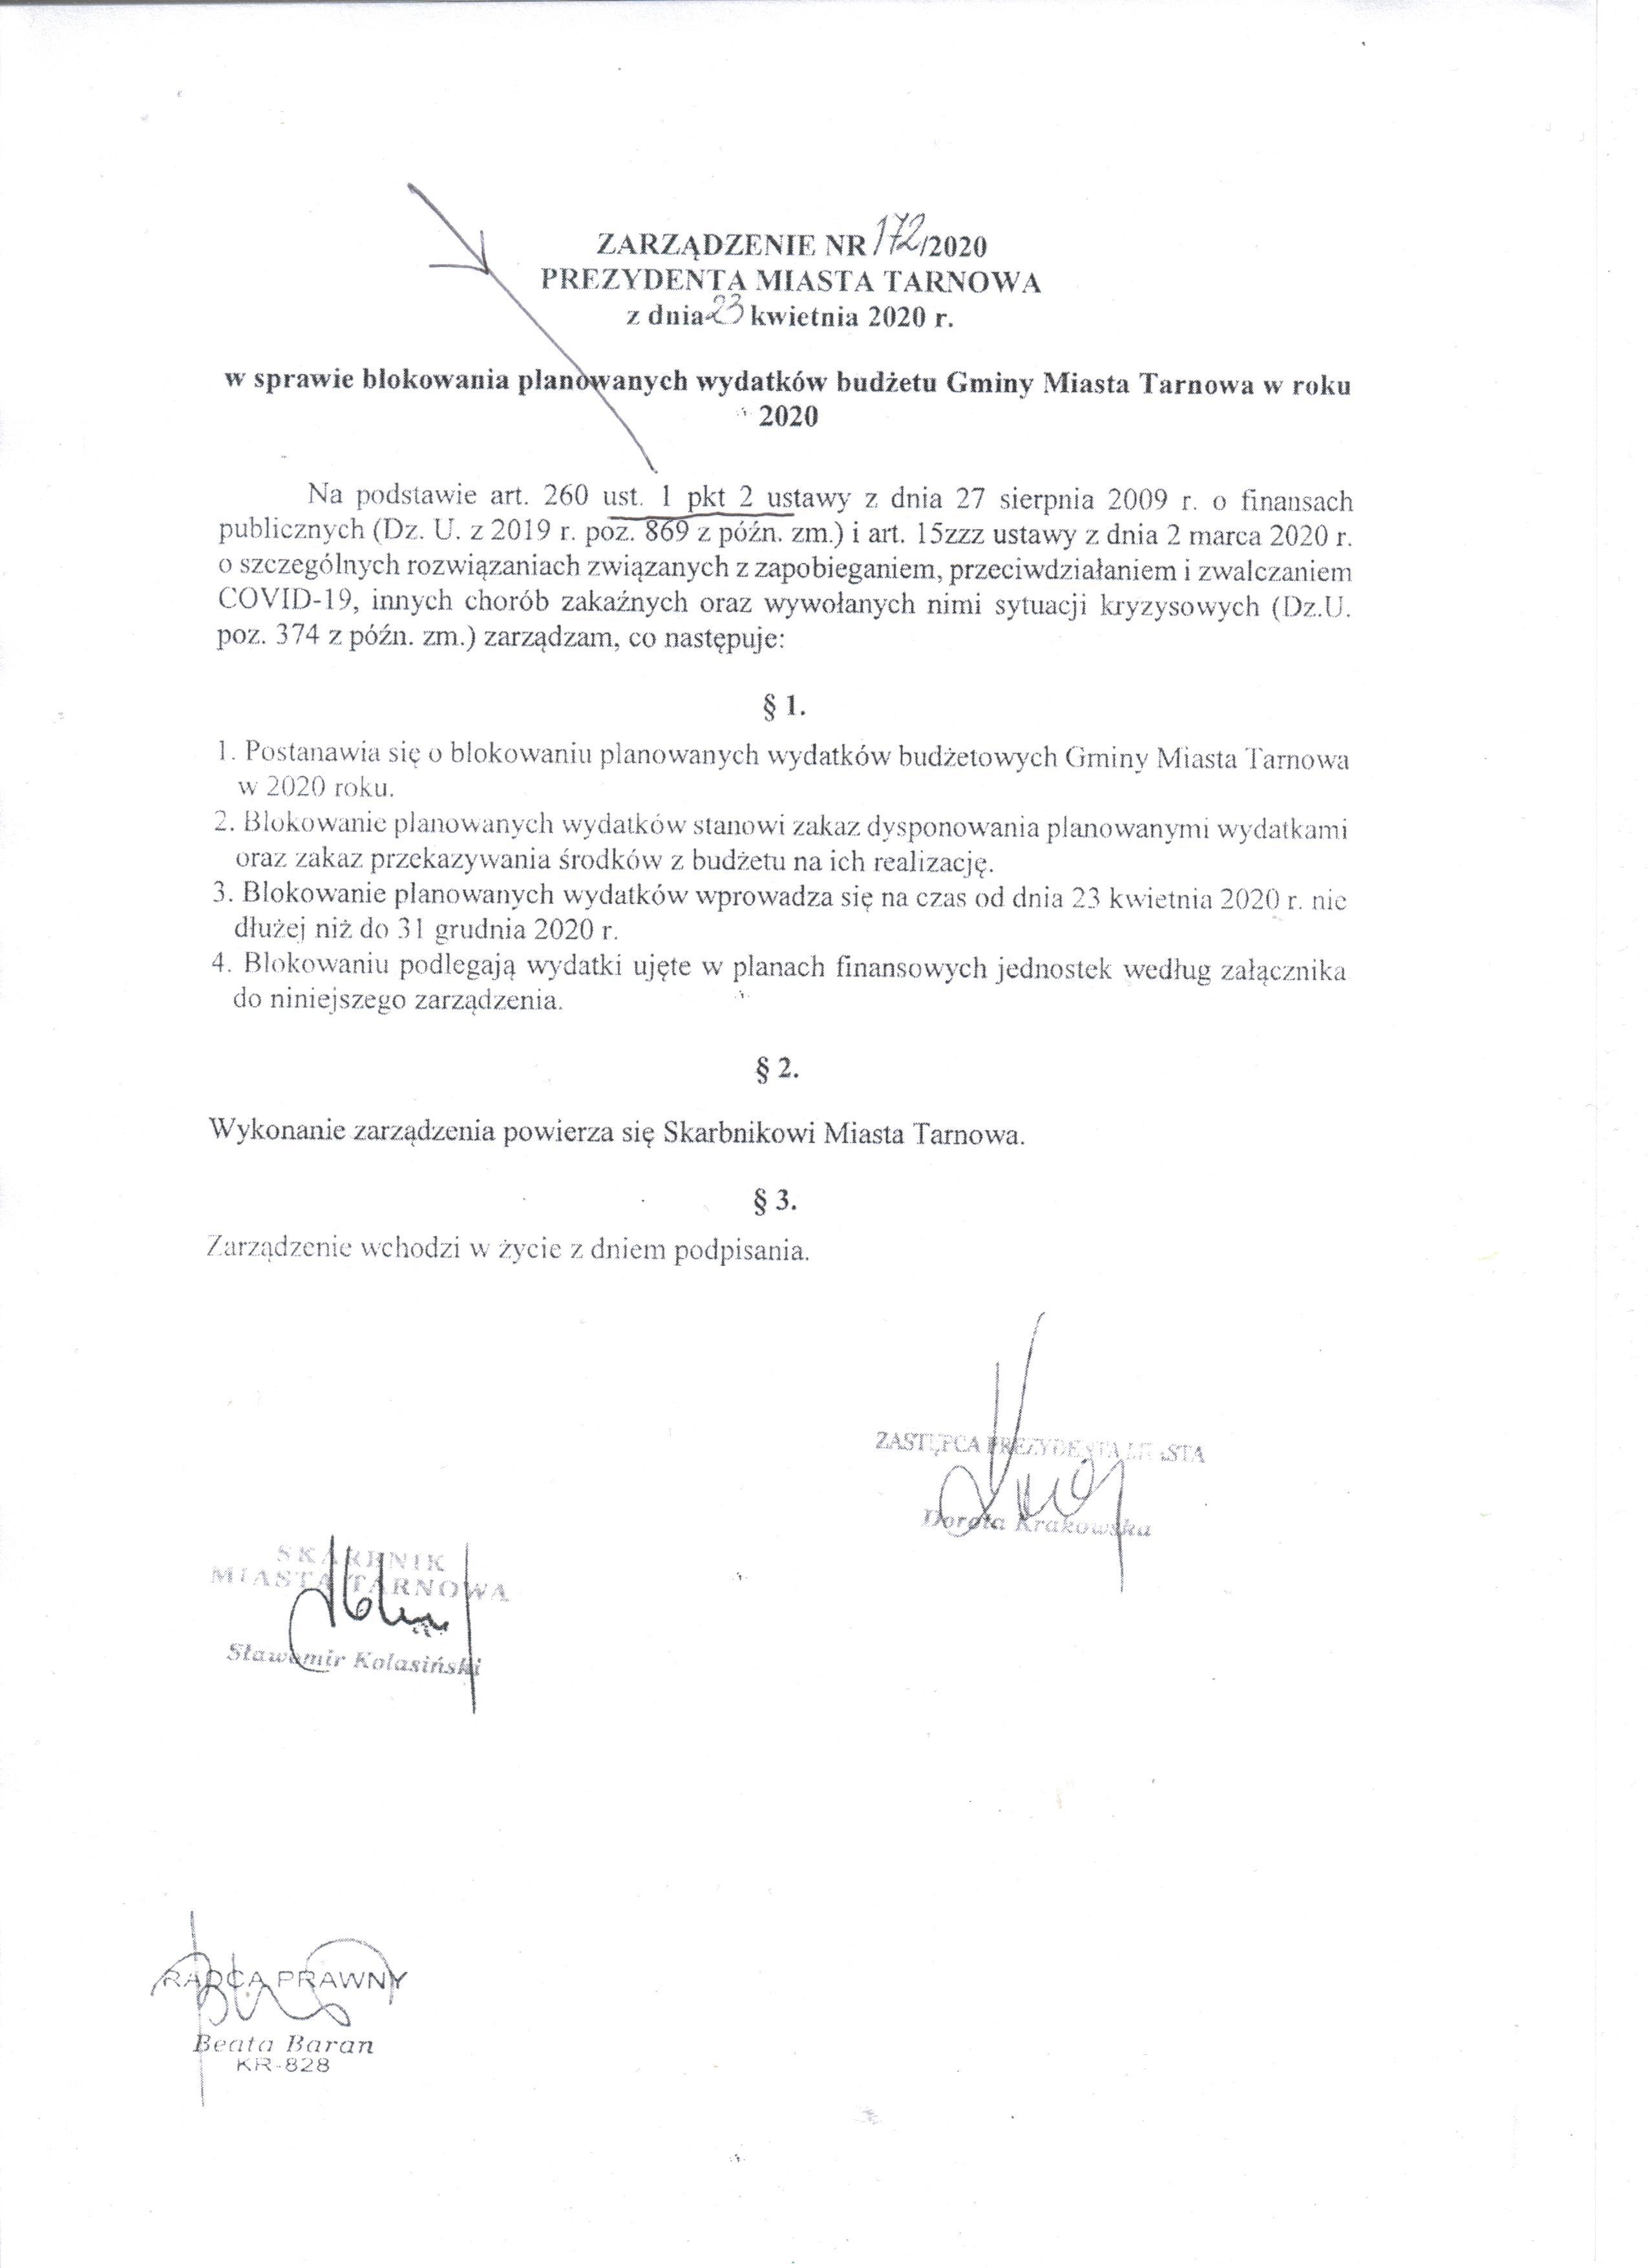 2  zarzadzenie prezydenta z 23 kwietniajpeg